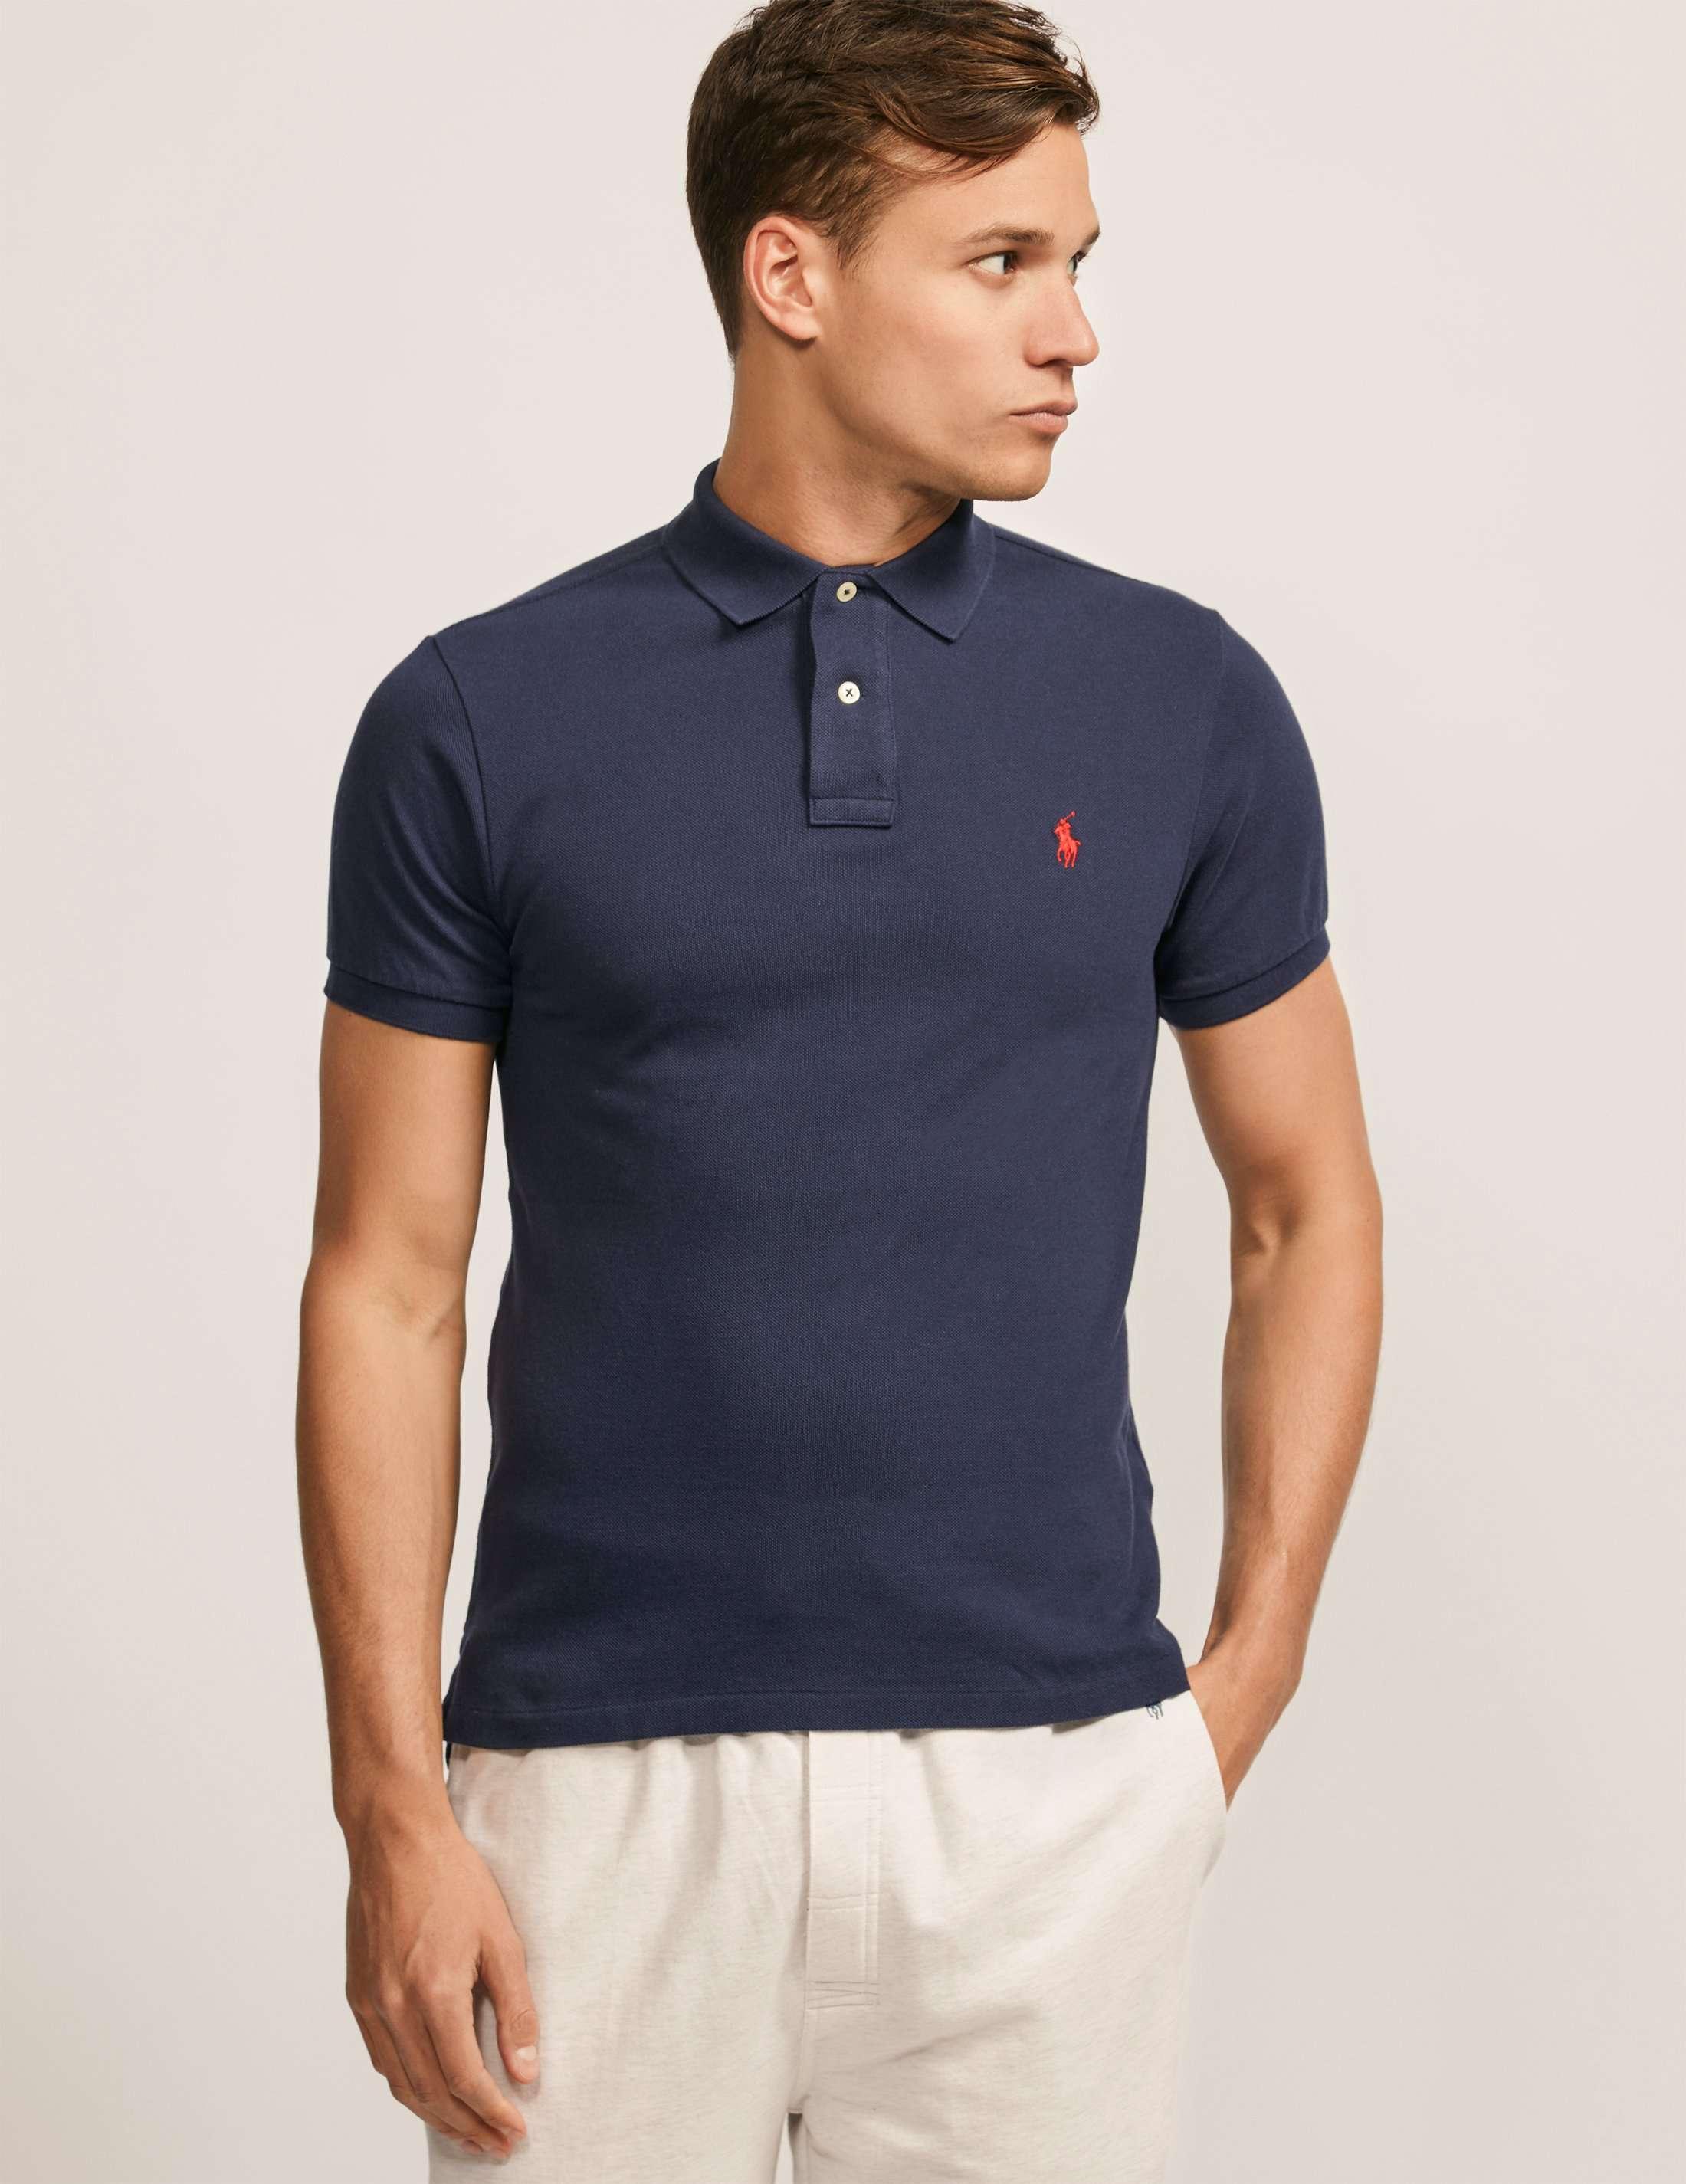 Womens Black Ralph Lauren Polo Shirt